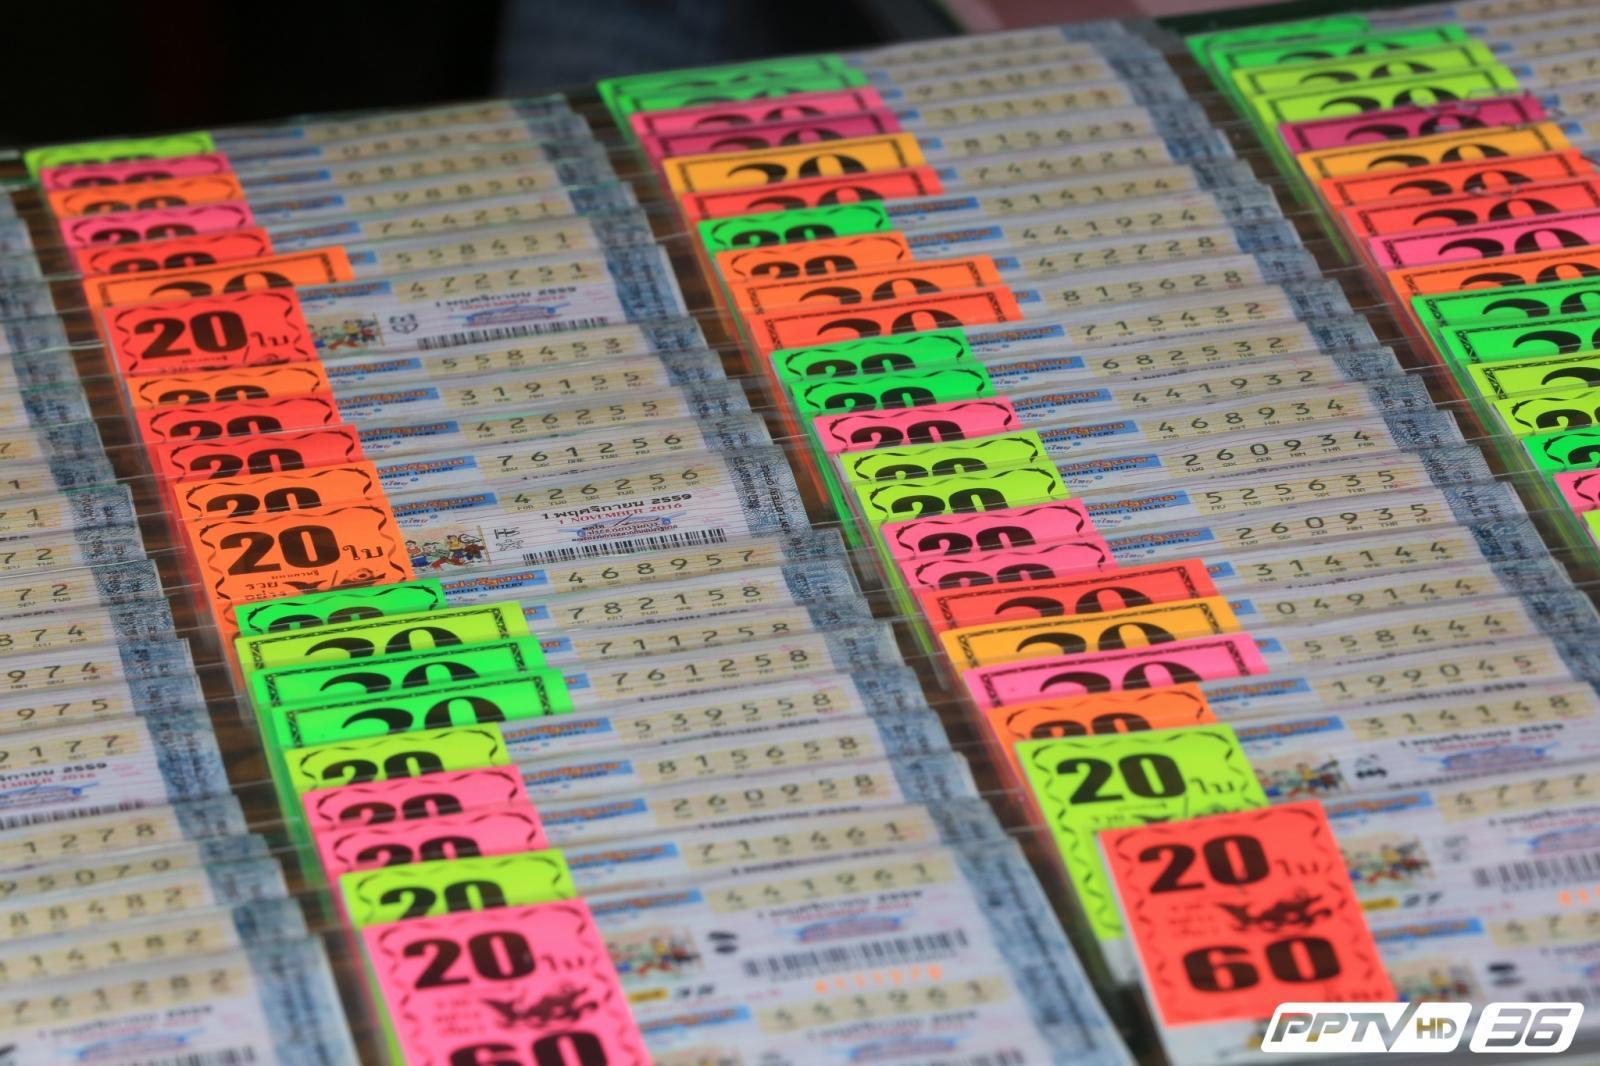 ไขข้อสงสัย !! ร้านปั๊มชื่อไว้หลังสลากฯ หากถูกรางวัลจะรับเงินได้ไหม?